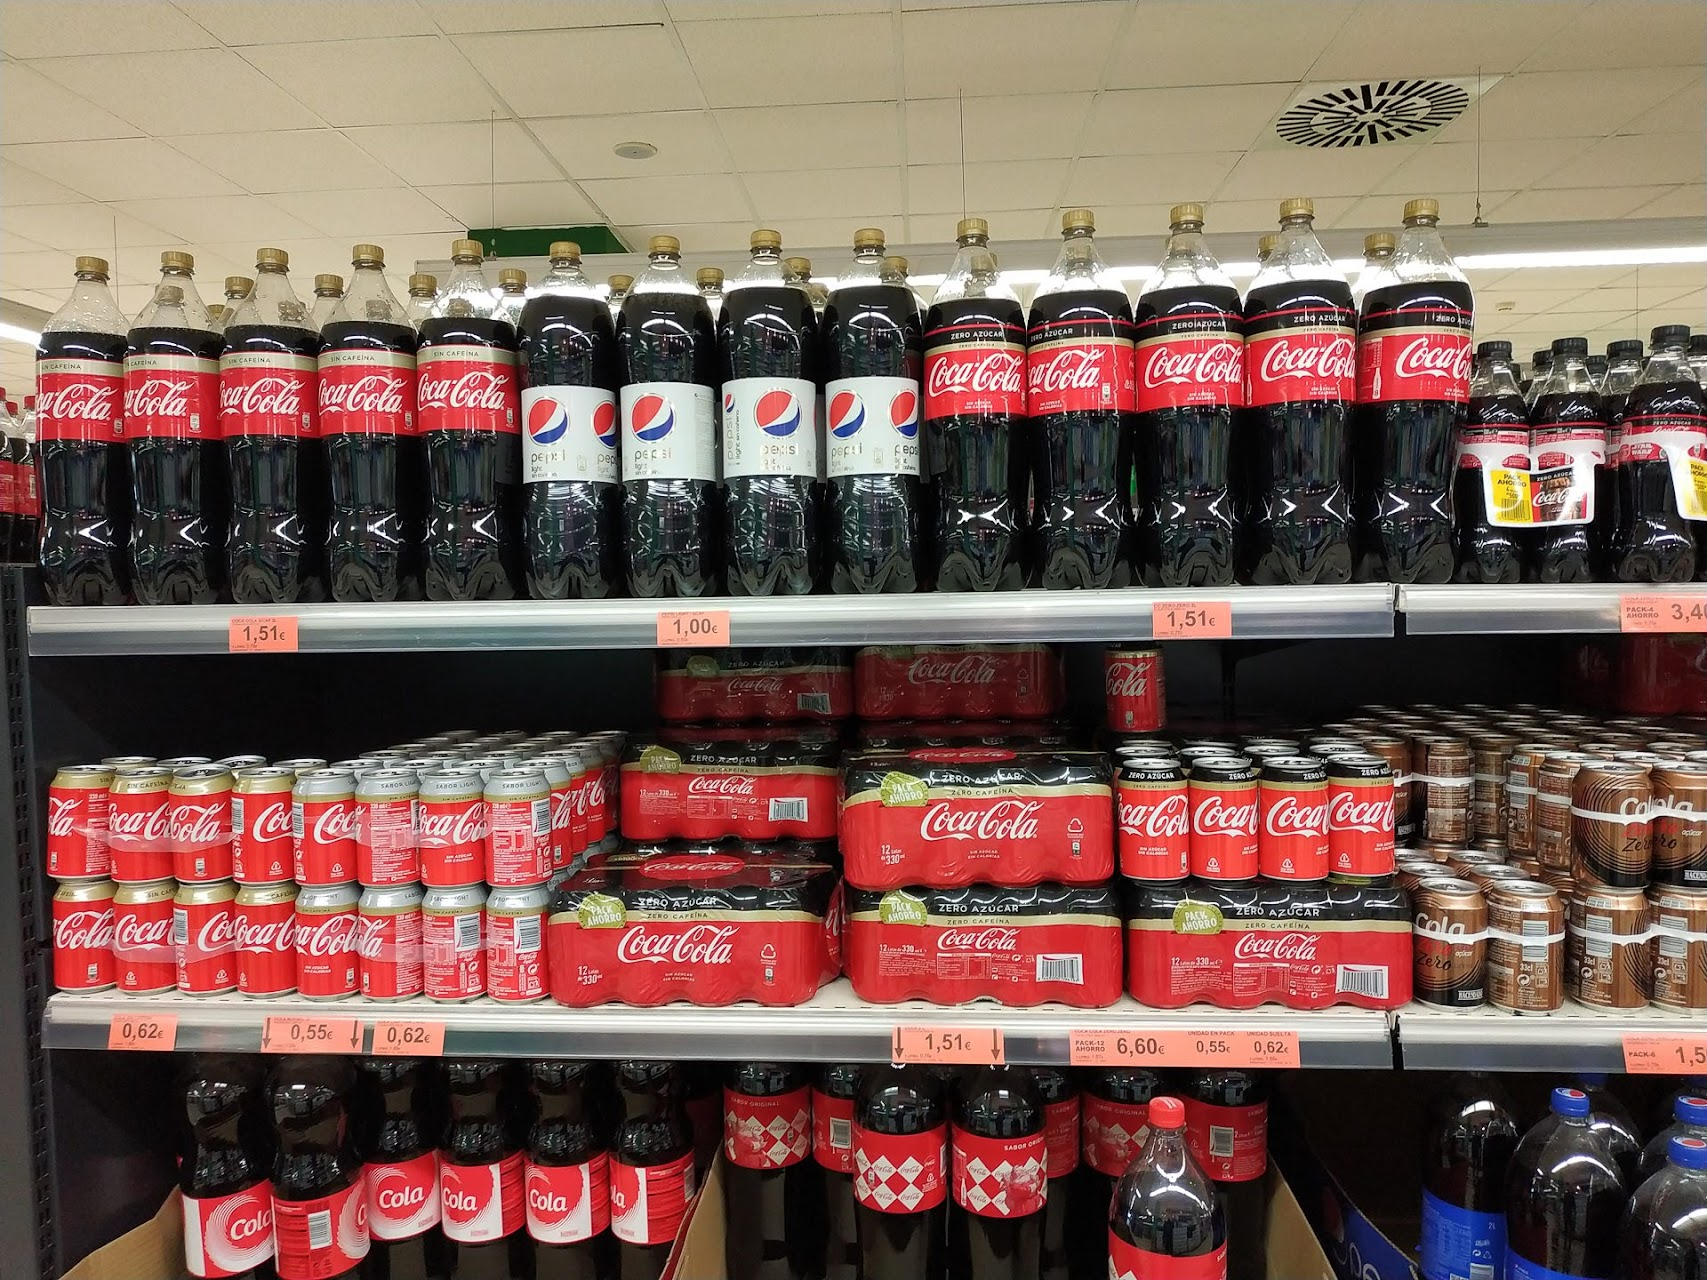 Пепси-Кока-Кола